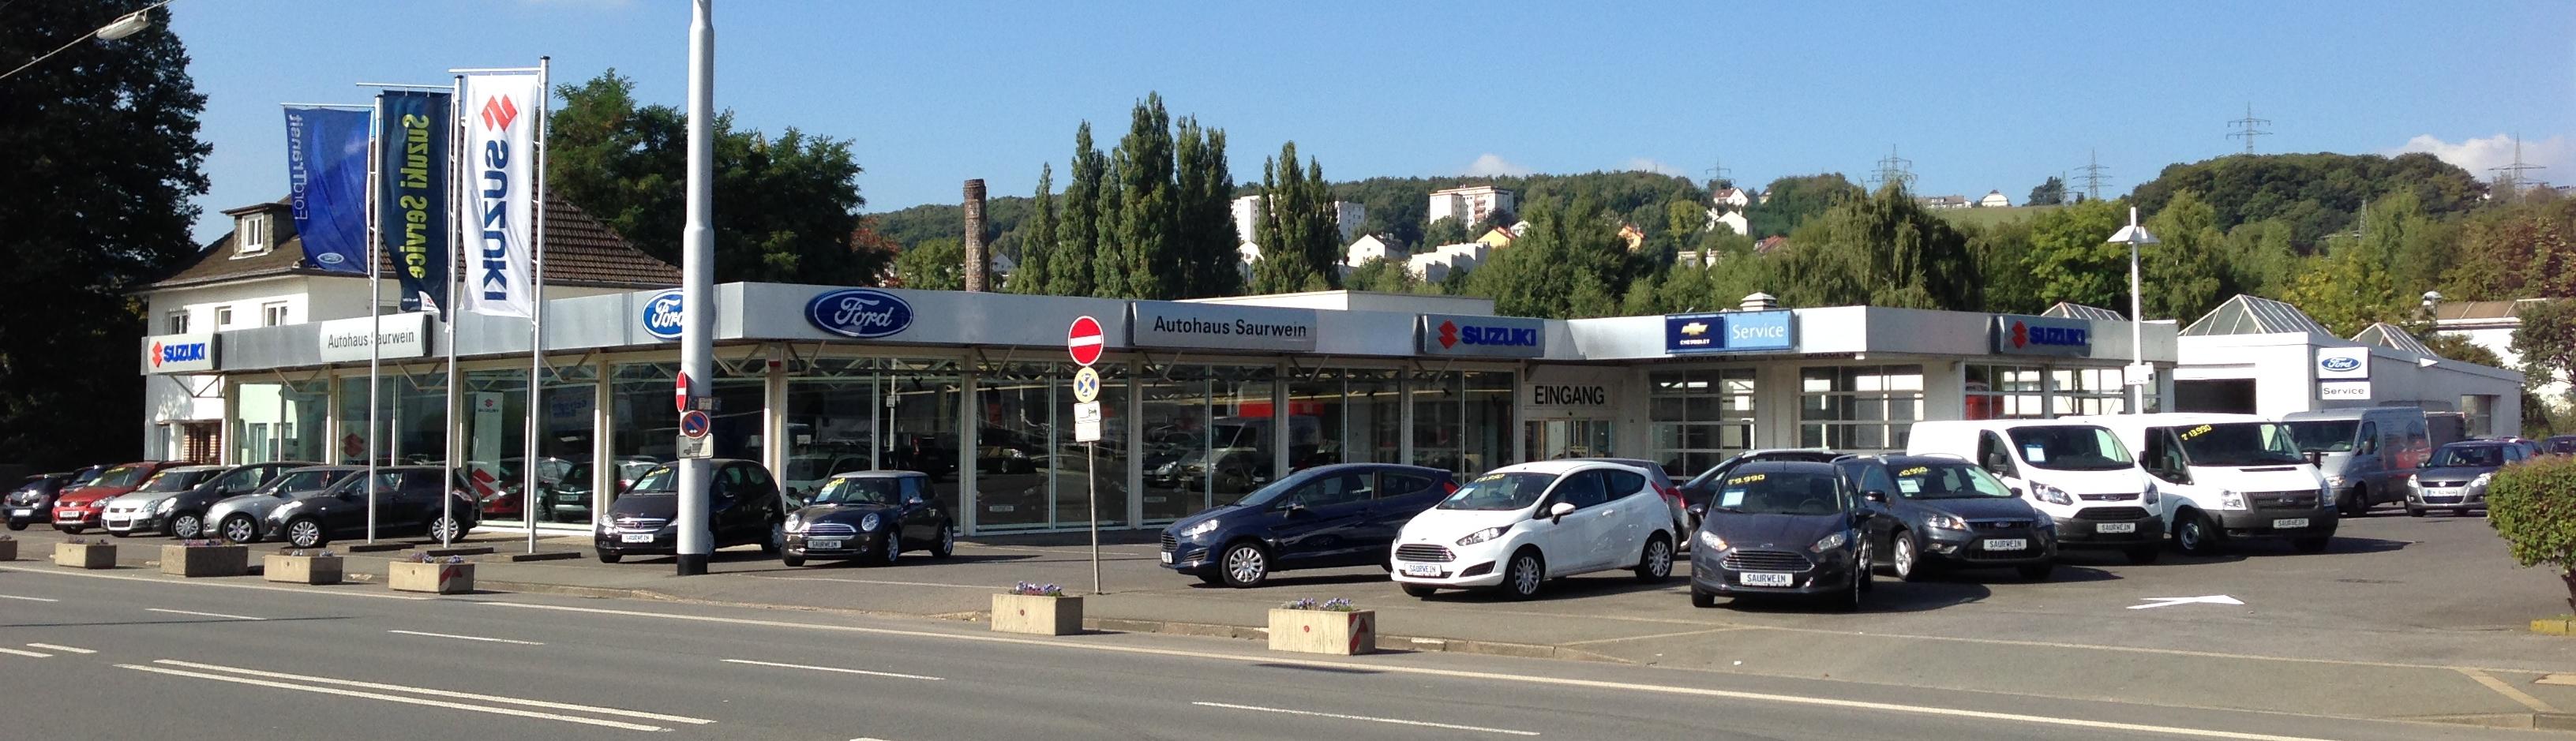 Autohaus Saurwein